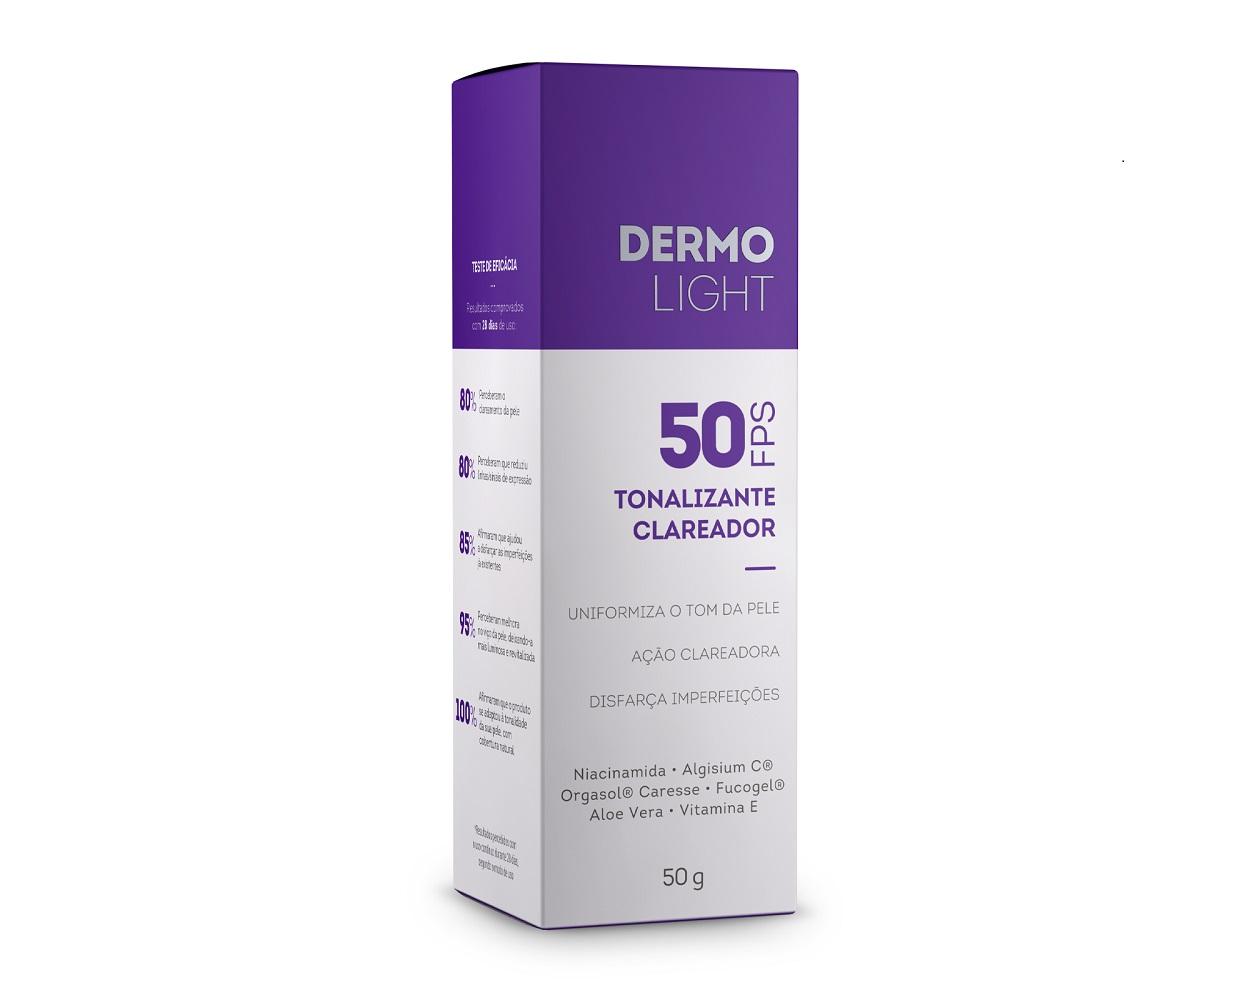 Dermolight Tonalizante Clareador FPS 50 50g Extratos da Terra